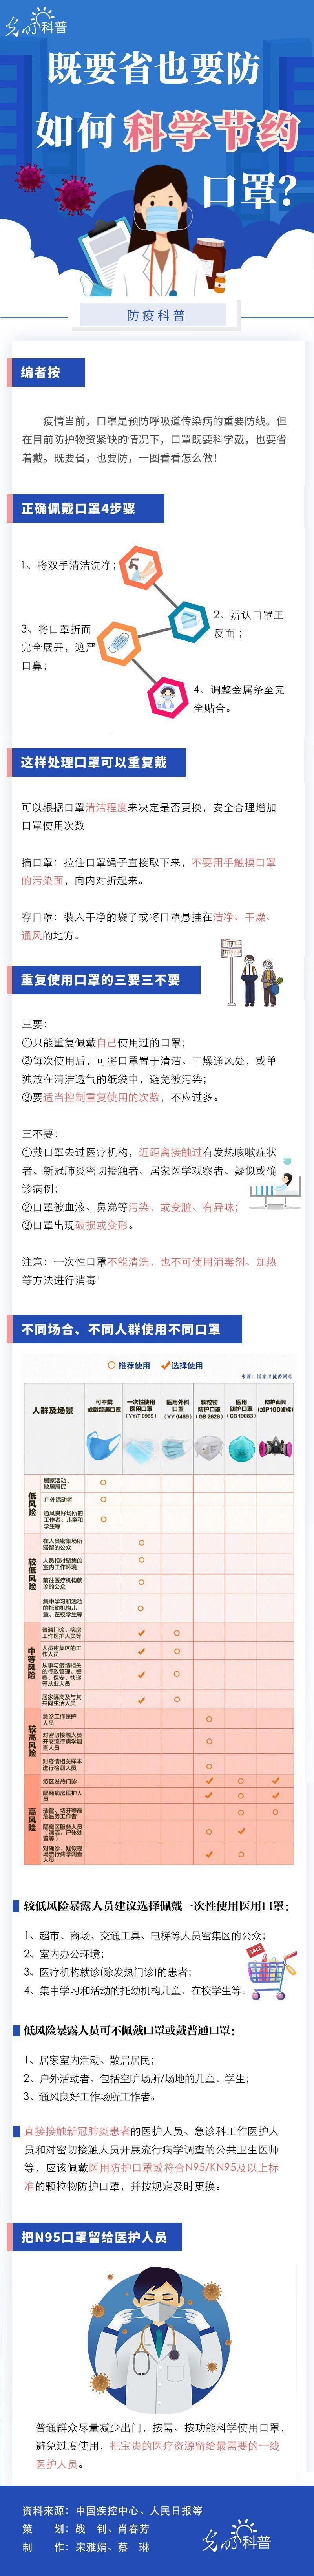 防疫科普:既要省也要防北京助孕 如何科学节约口罩?